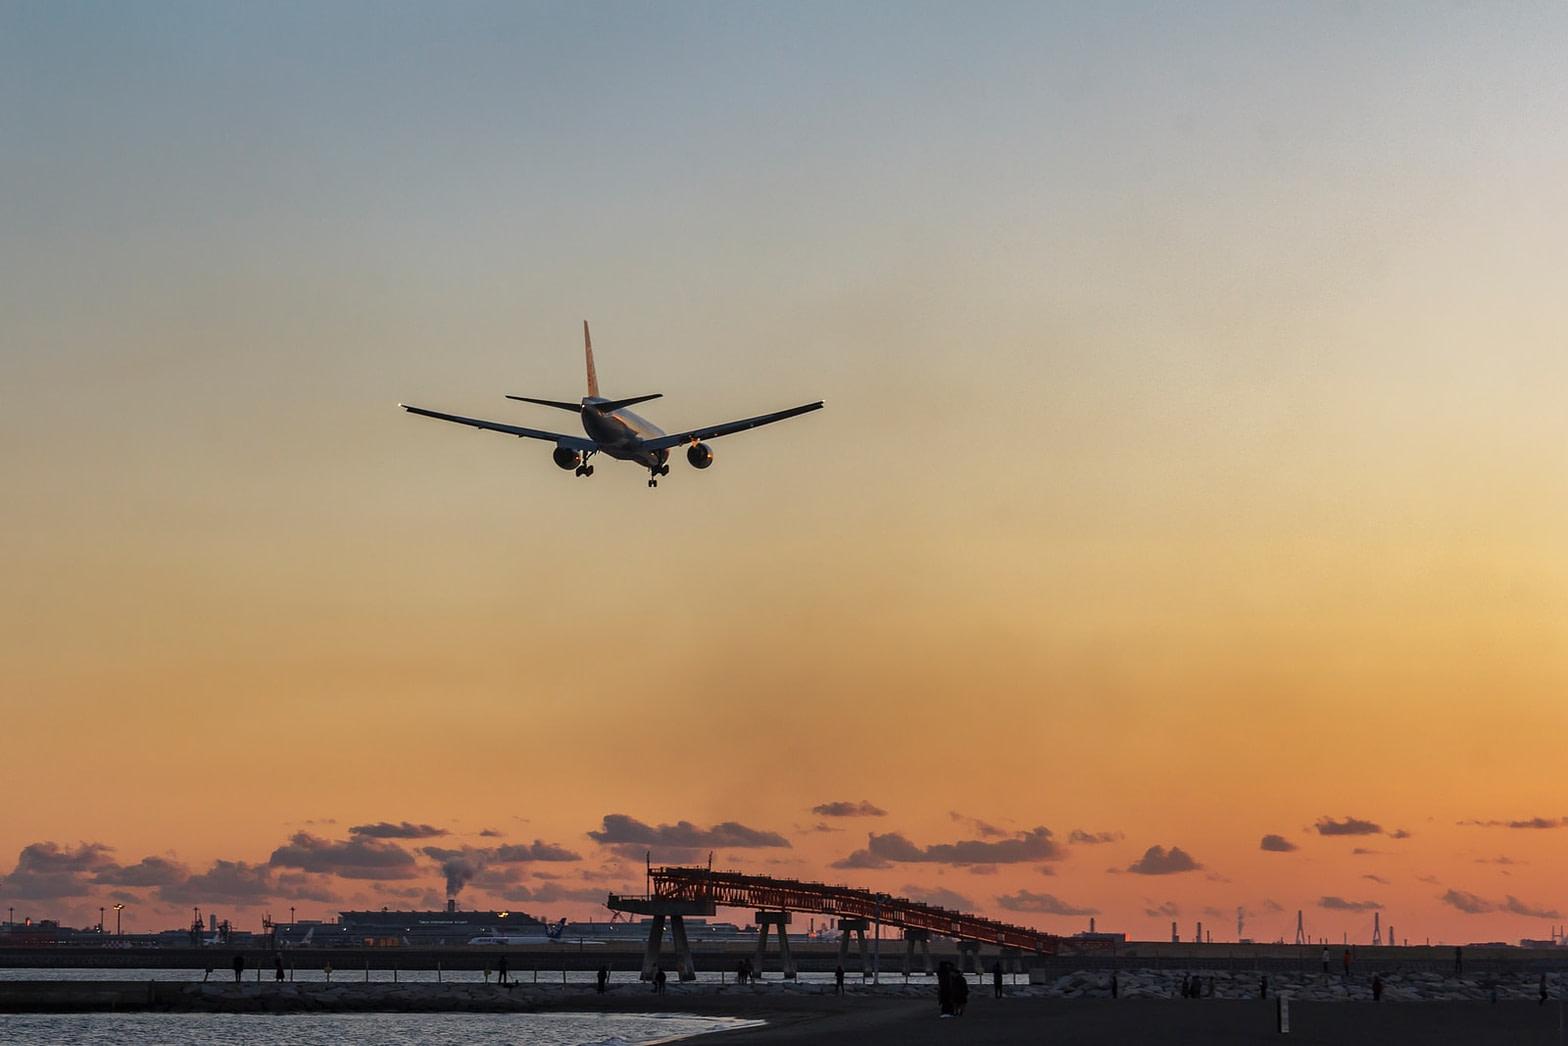 معلومات عن الرحلة المتجهة من مطار الرياض الى طريف